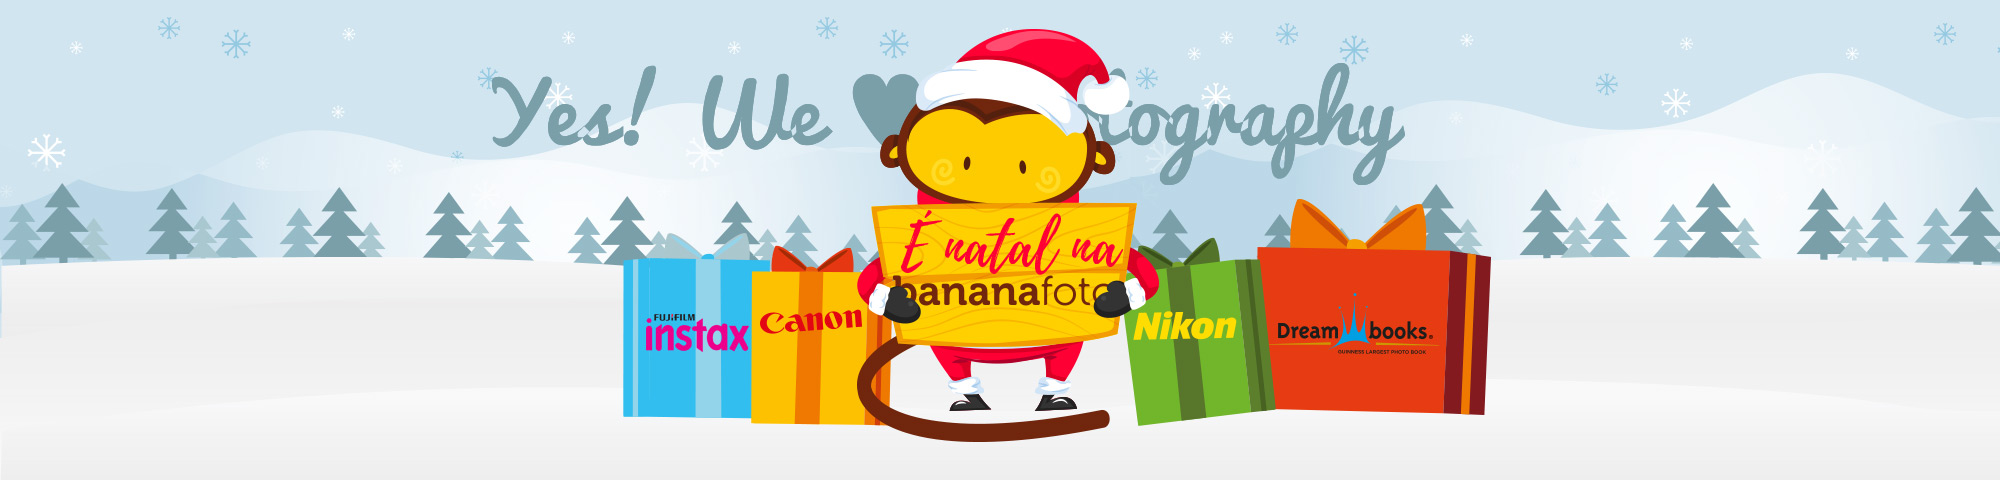 bananafoto-natal